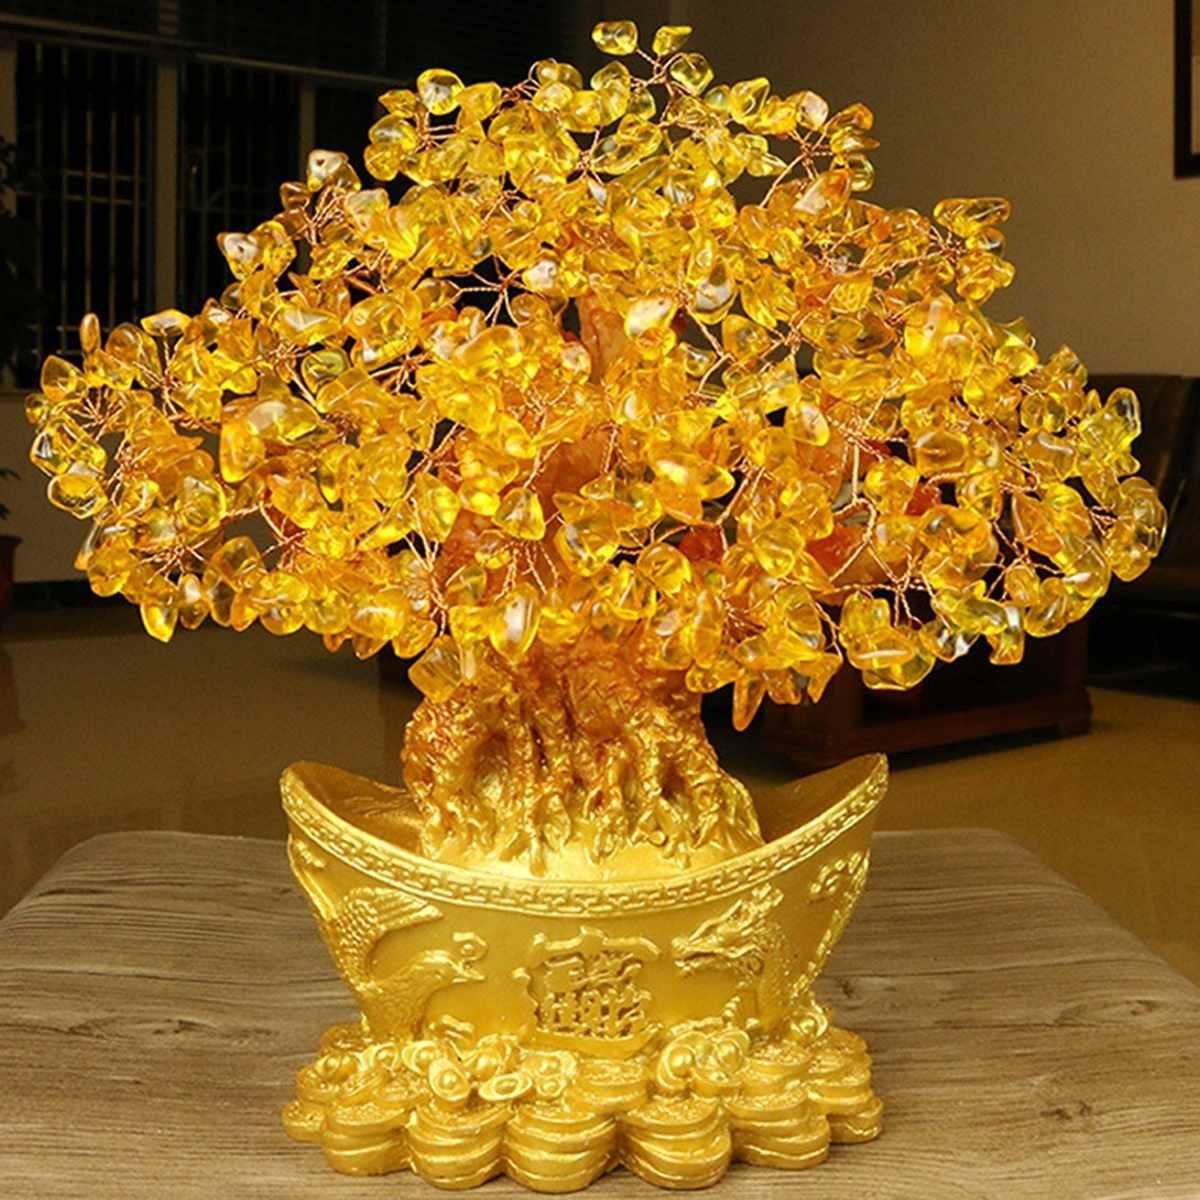 Extra grande ouro natural citrino sorte dinheiro árvore dinheiro vaca artesanato de negócios nova casa presente lingote decoração da árvore escultura